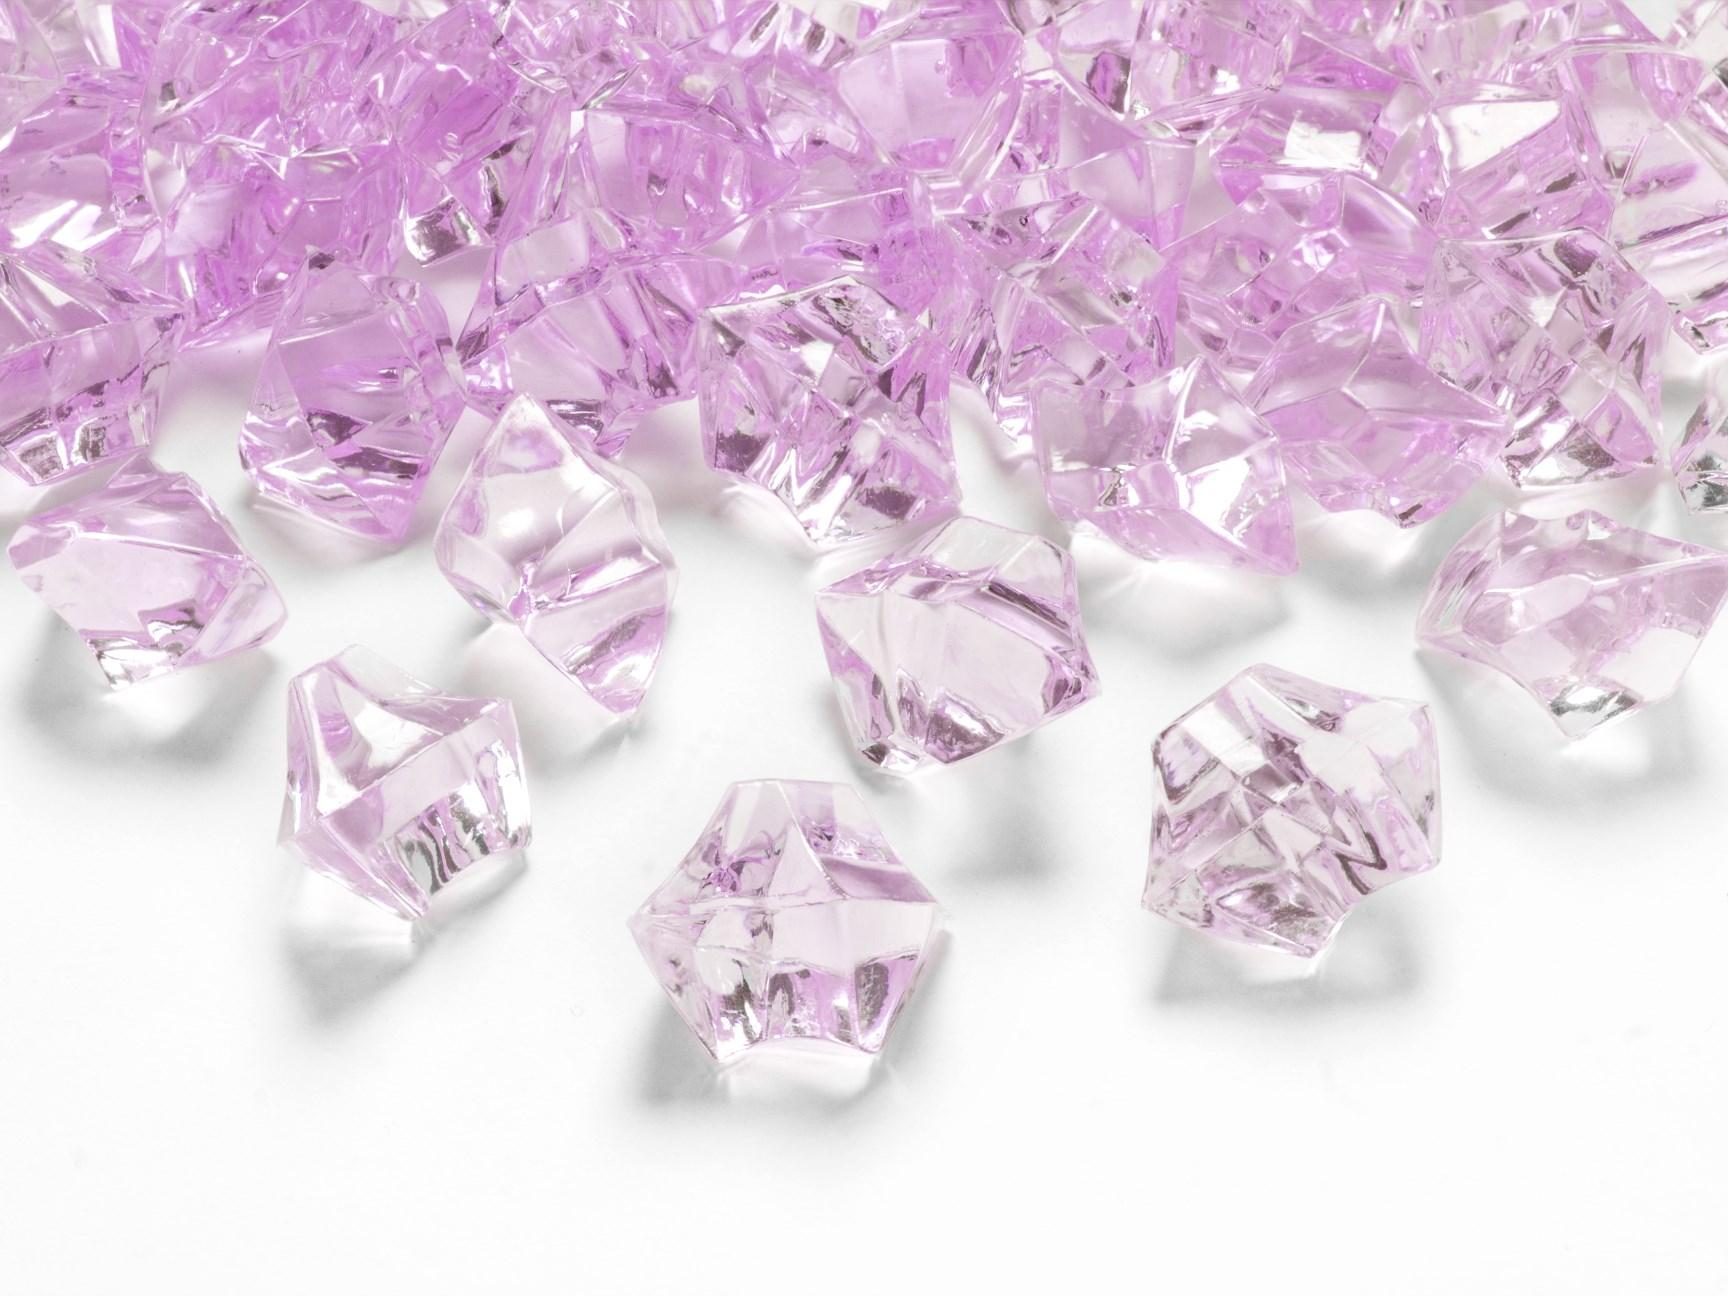 Κρυσταλλάκια Ροζ 25×21χλστ – 50 Τεμάχια